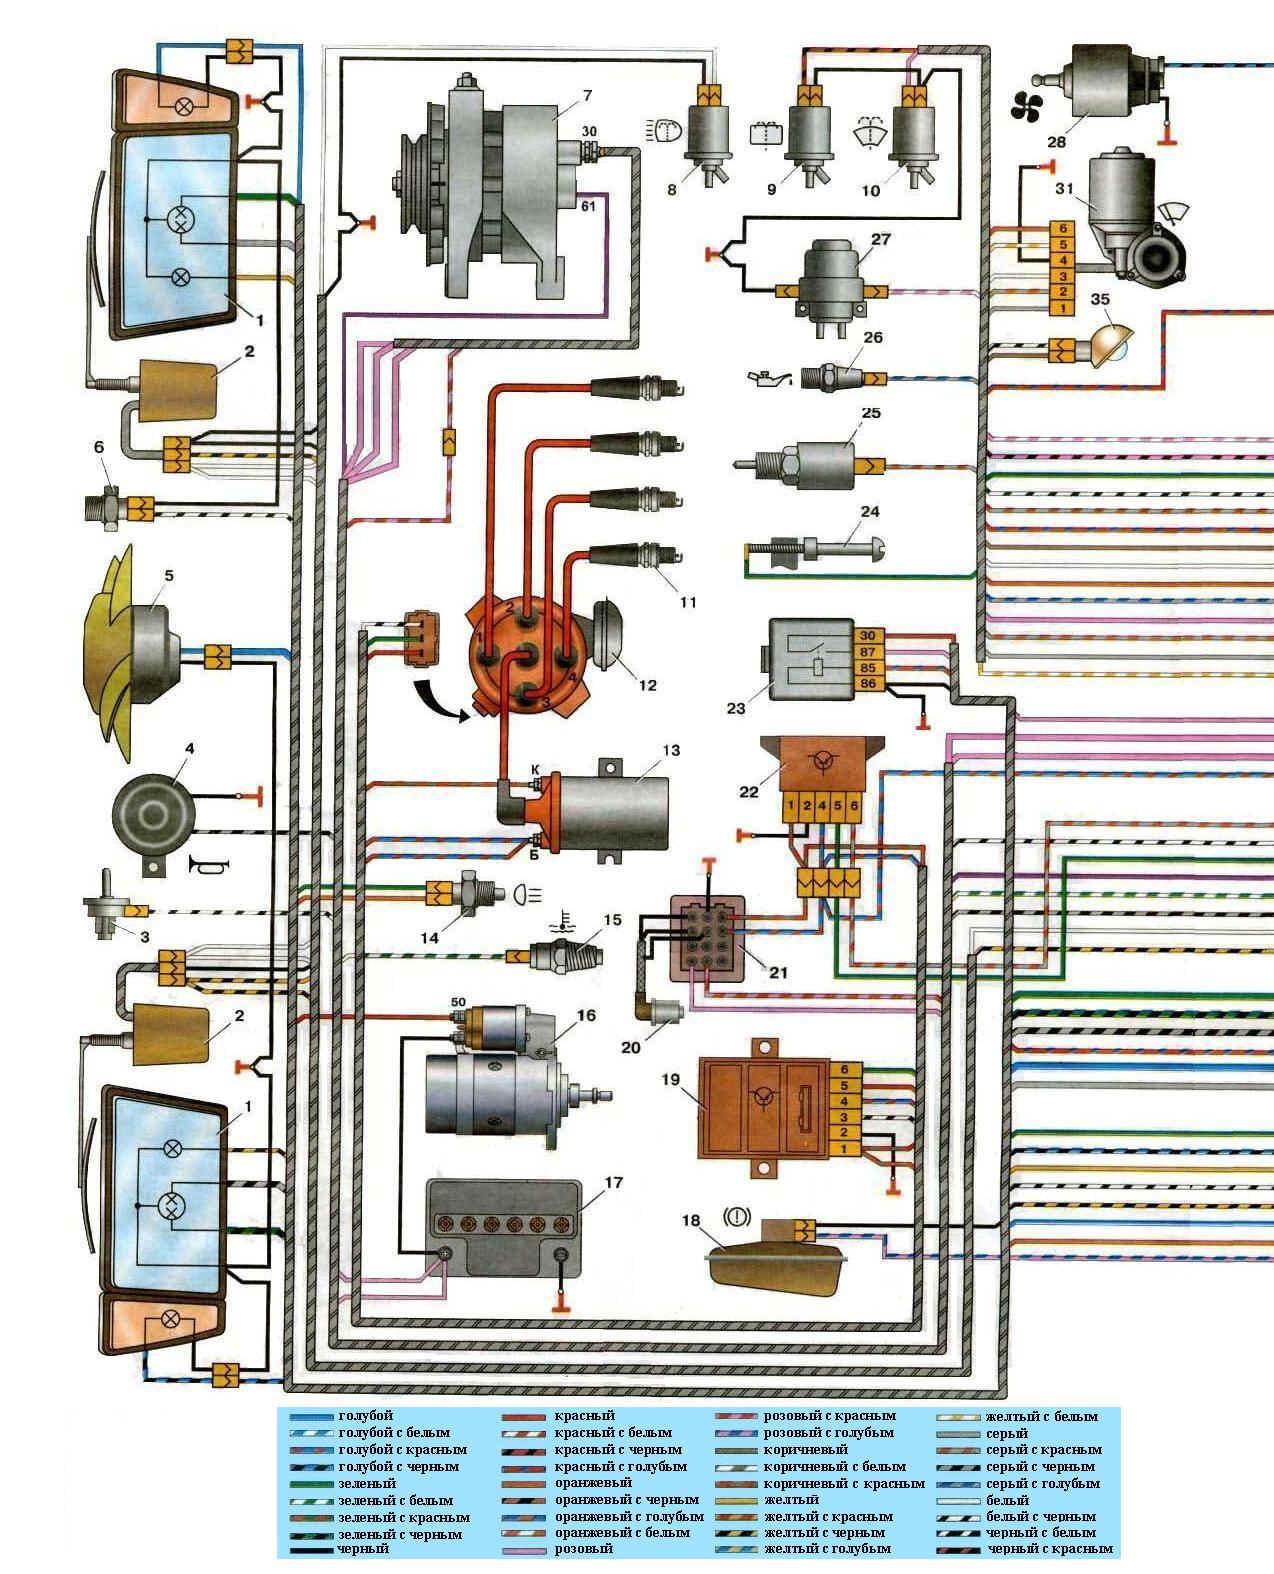 Рис. 1 Схема электрооборудования автомобиля ВАЗ 2108, ВАЗ 2109 (левая часть схемы). (нажмите для увеличения) .